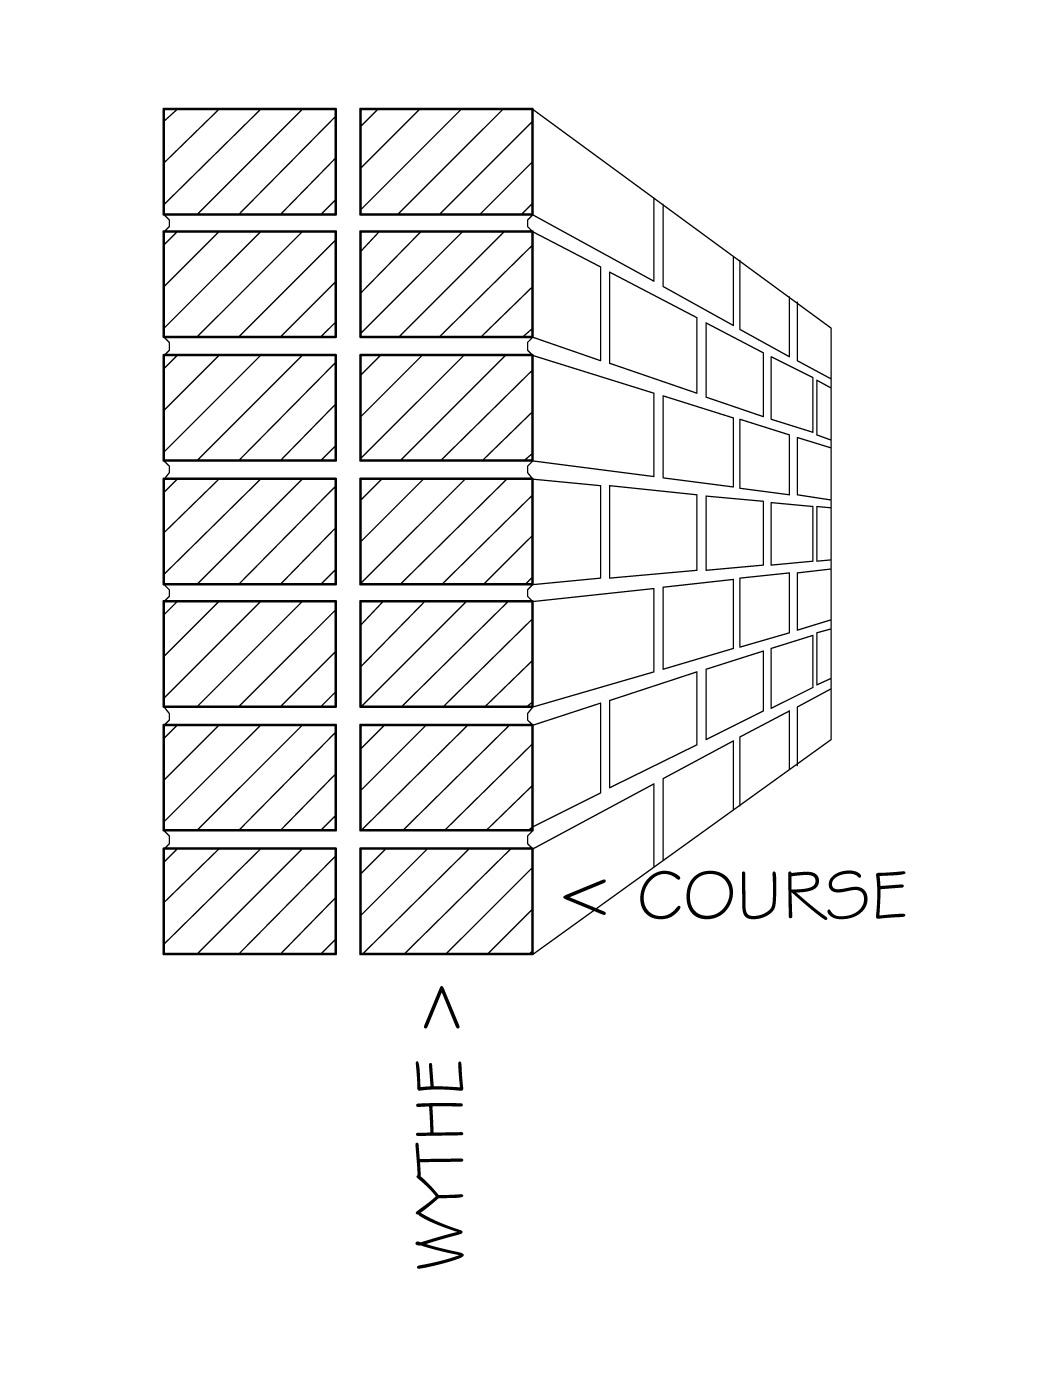 1063x1375 Course (Architecture)